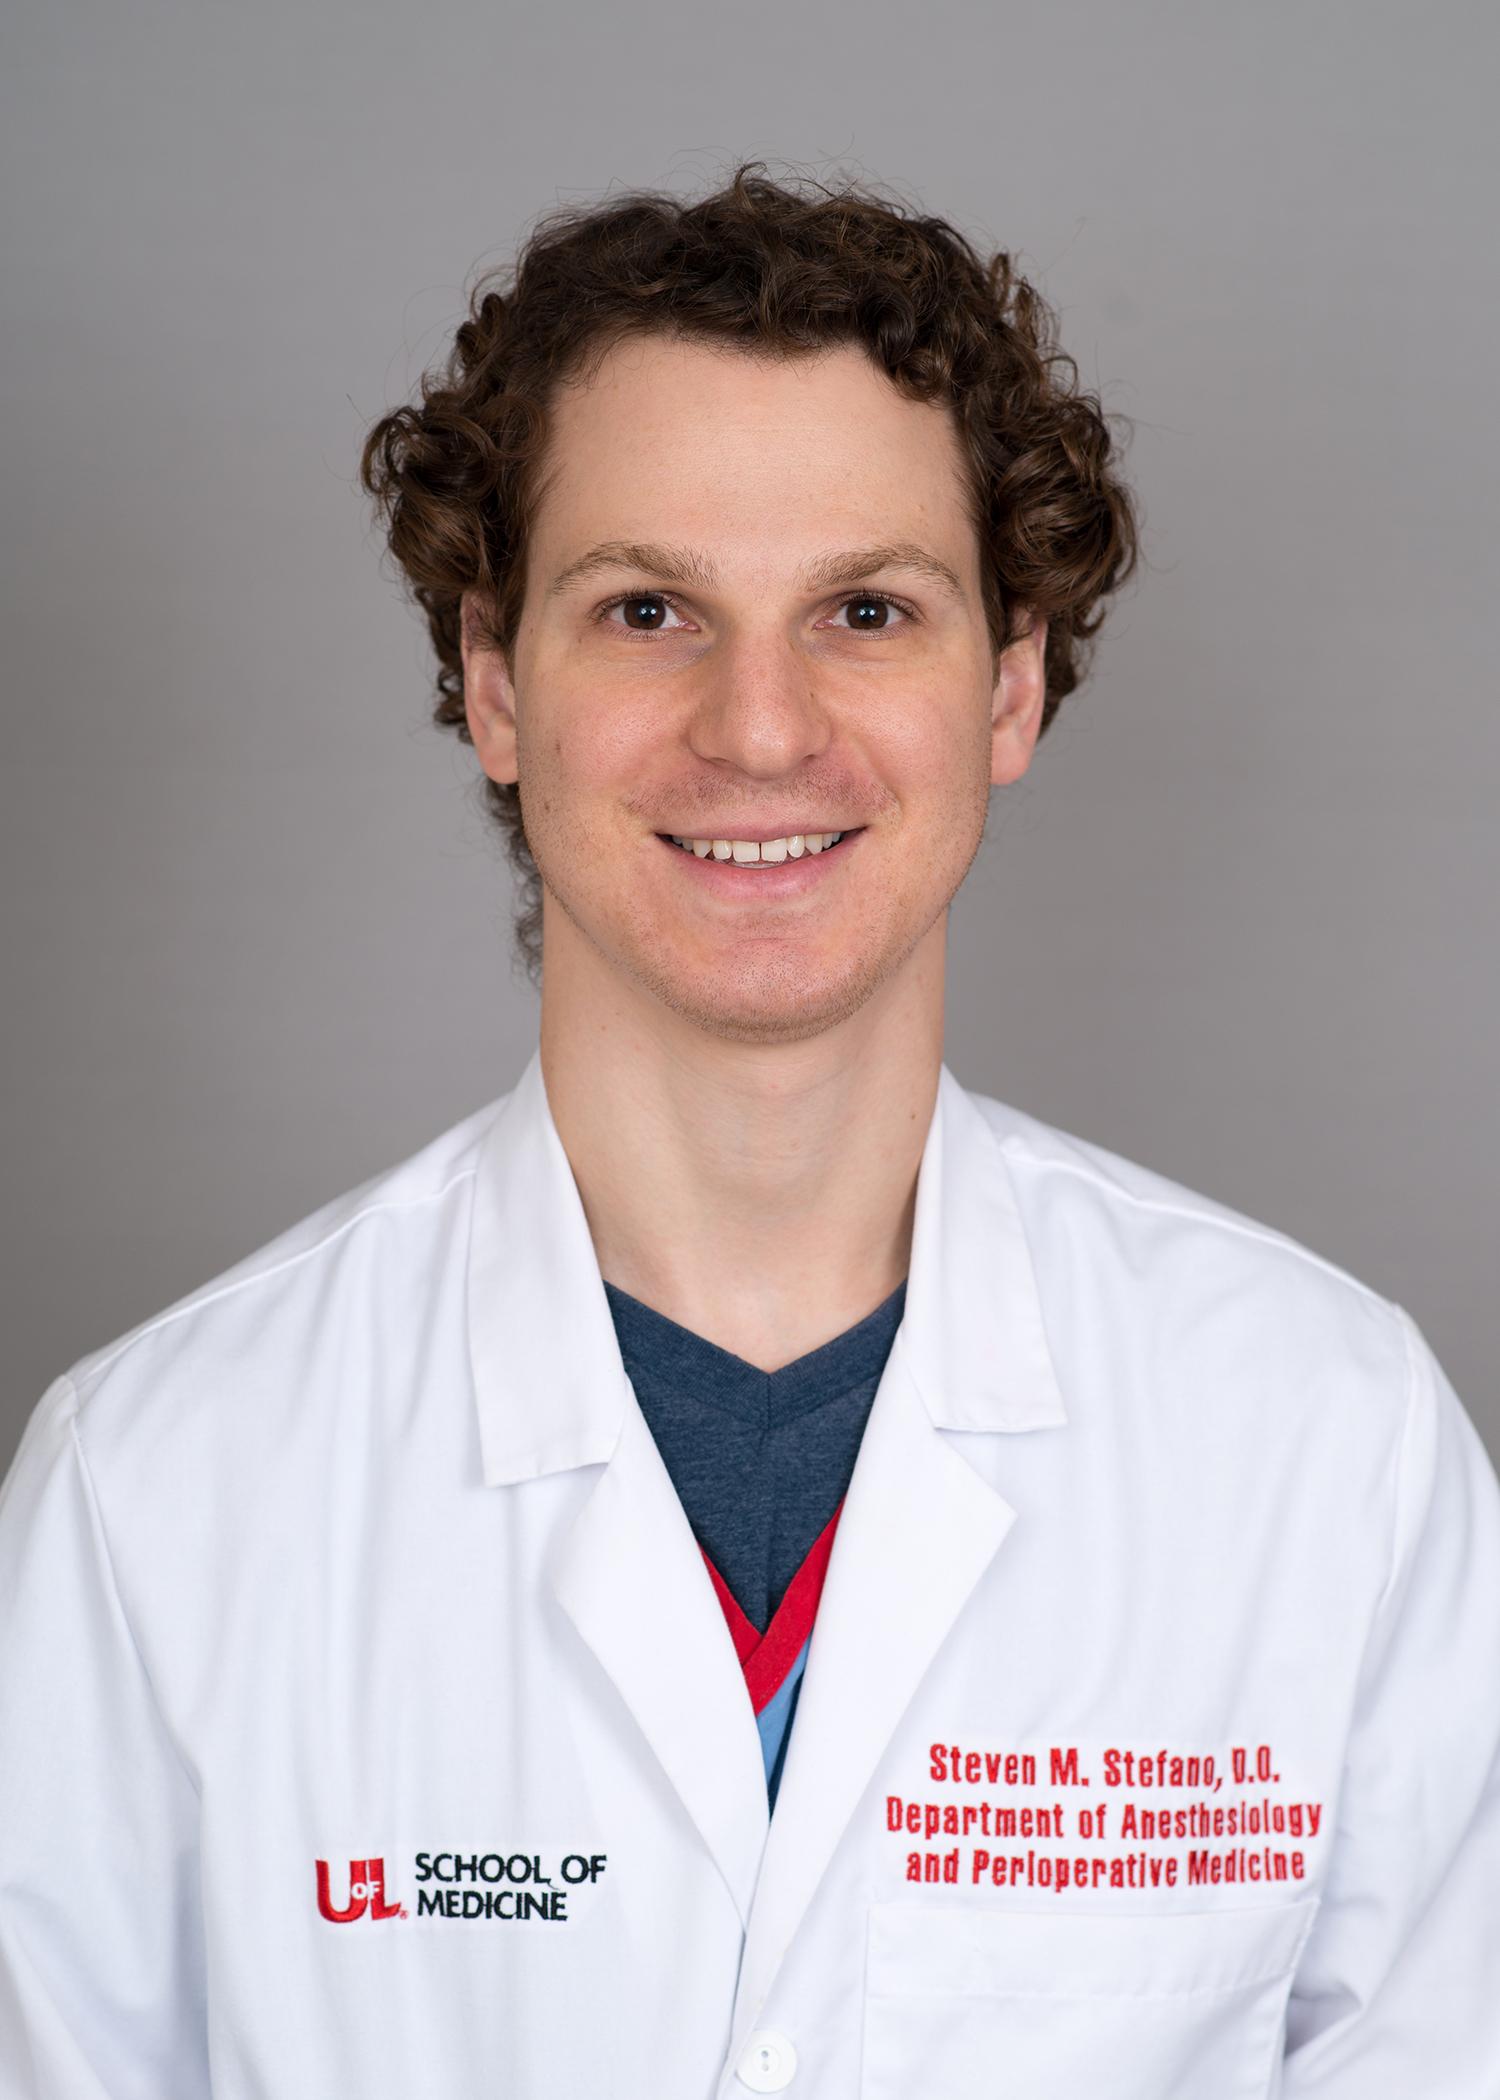 Dr. Steve Stefano